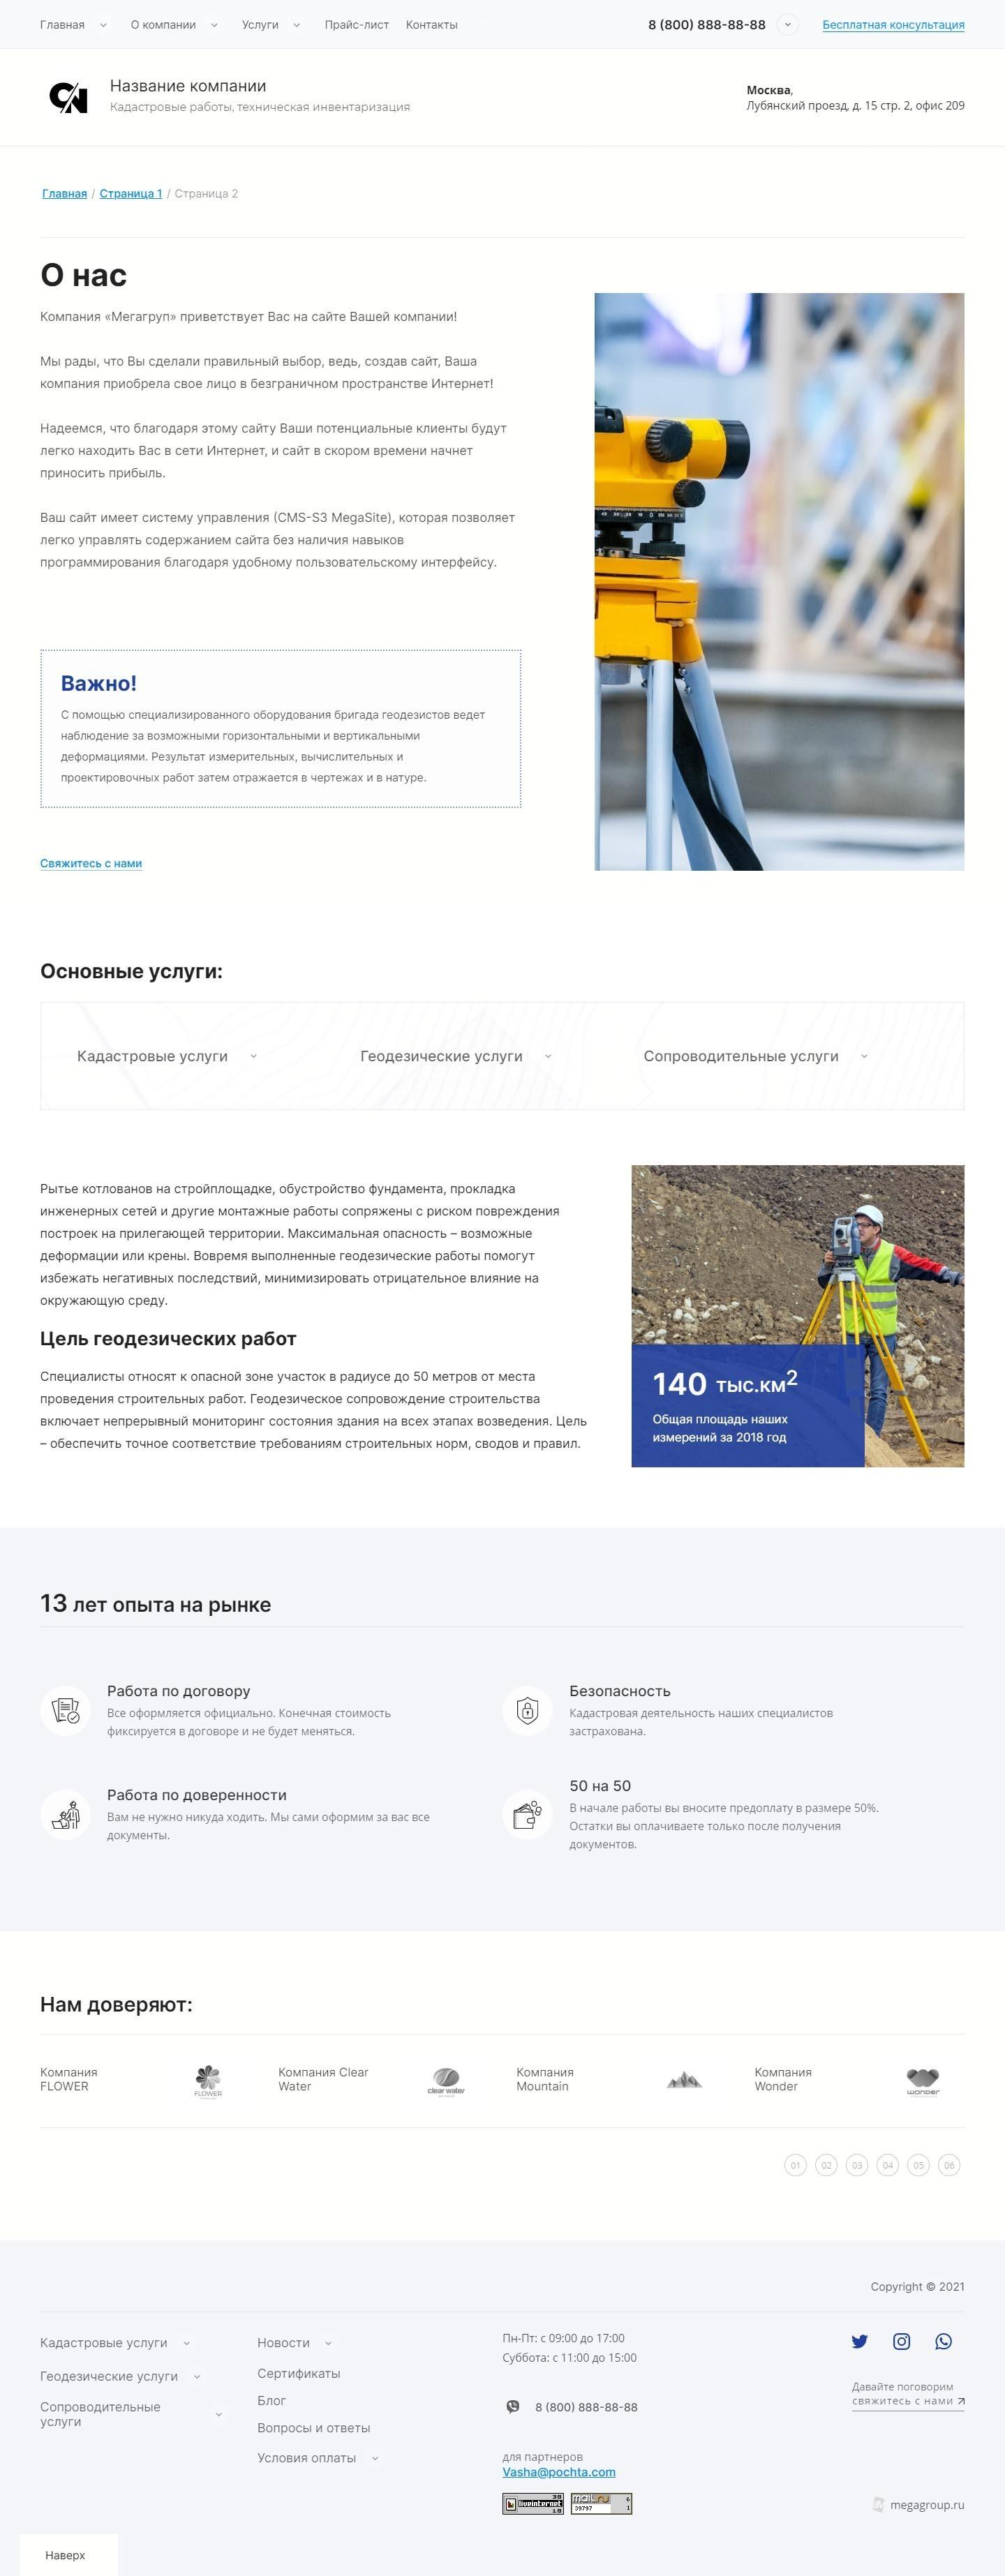 Готовый Сайт-Бизнес #2998184 - Кадастровые работы, техническая инвентаризация, учет (О компании)